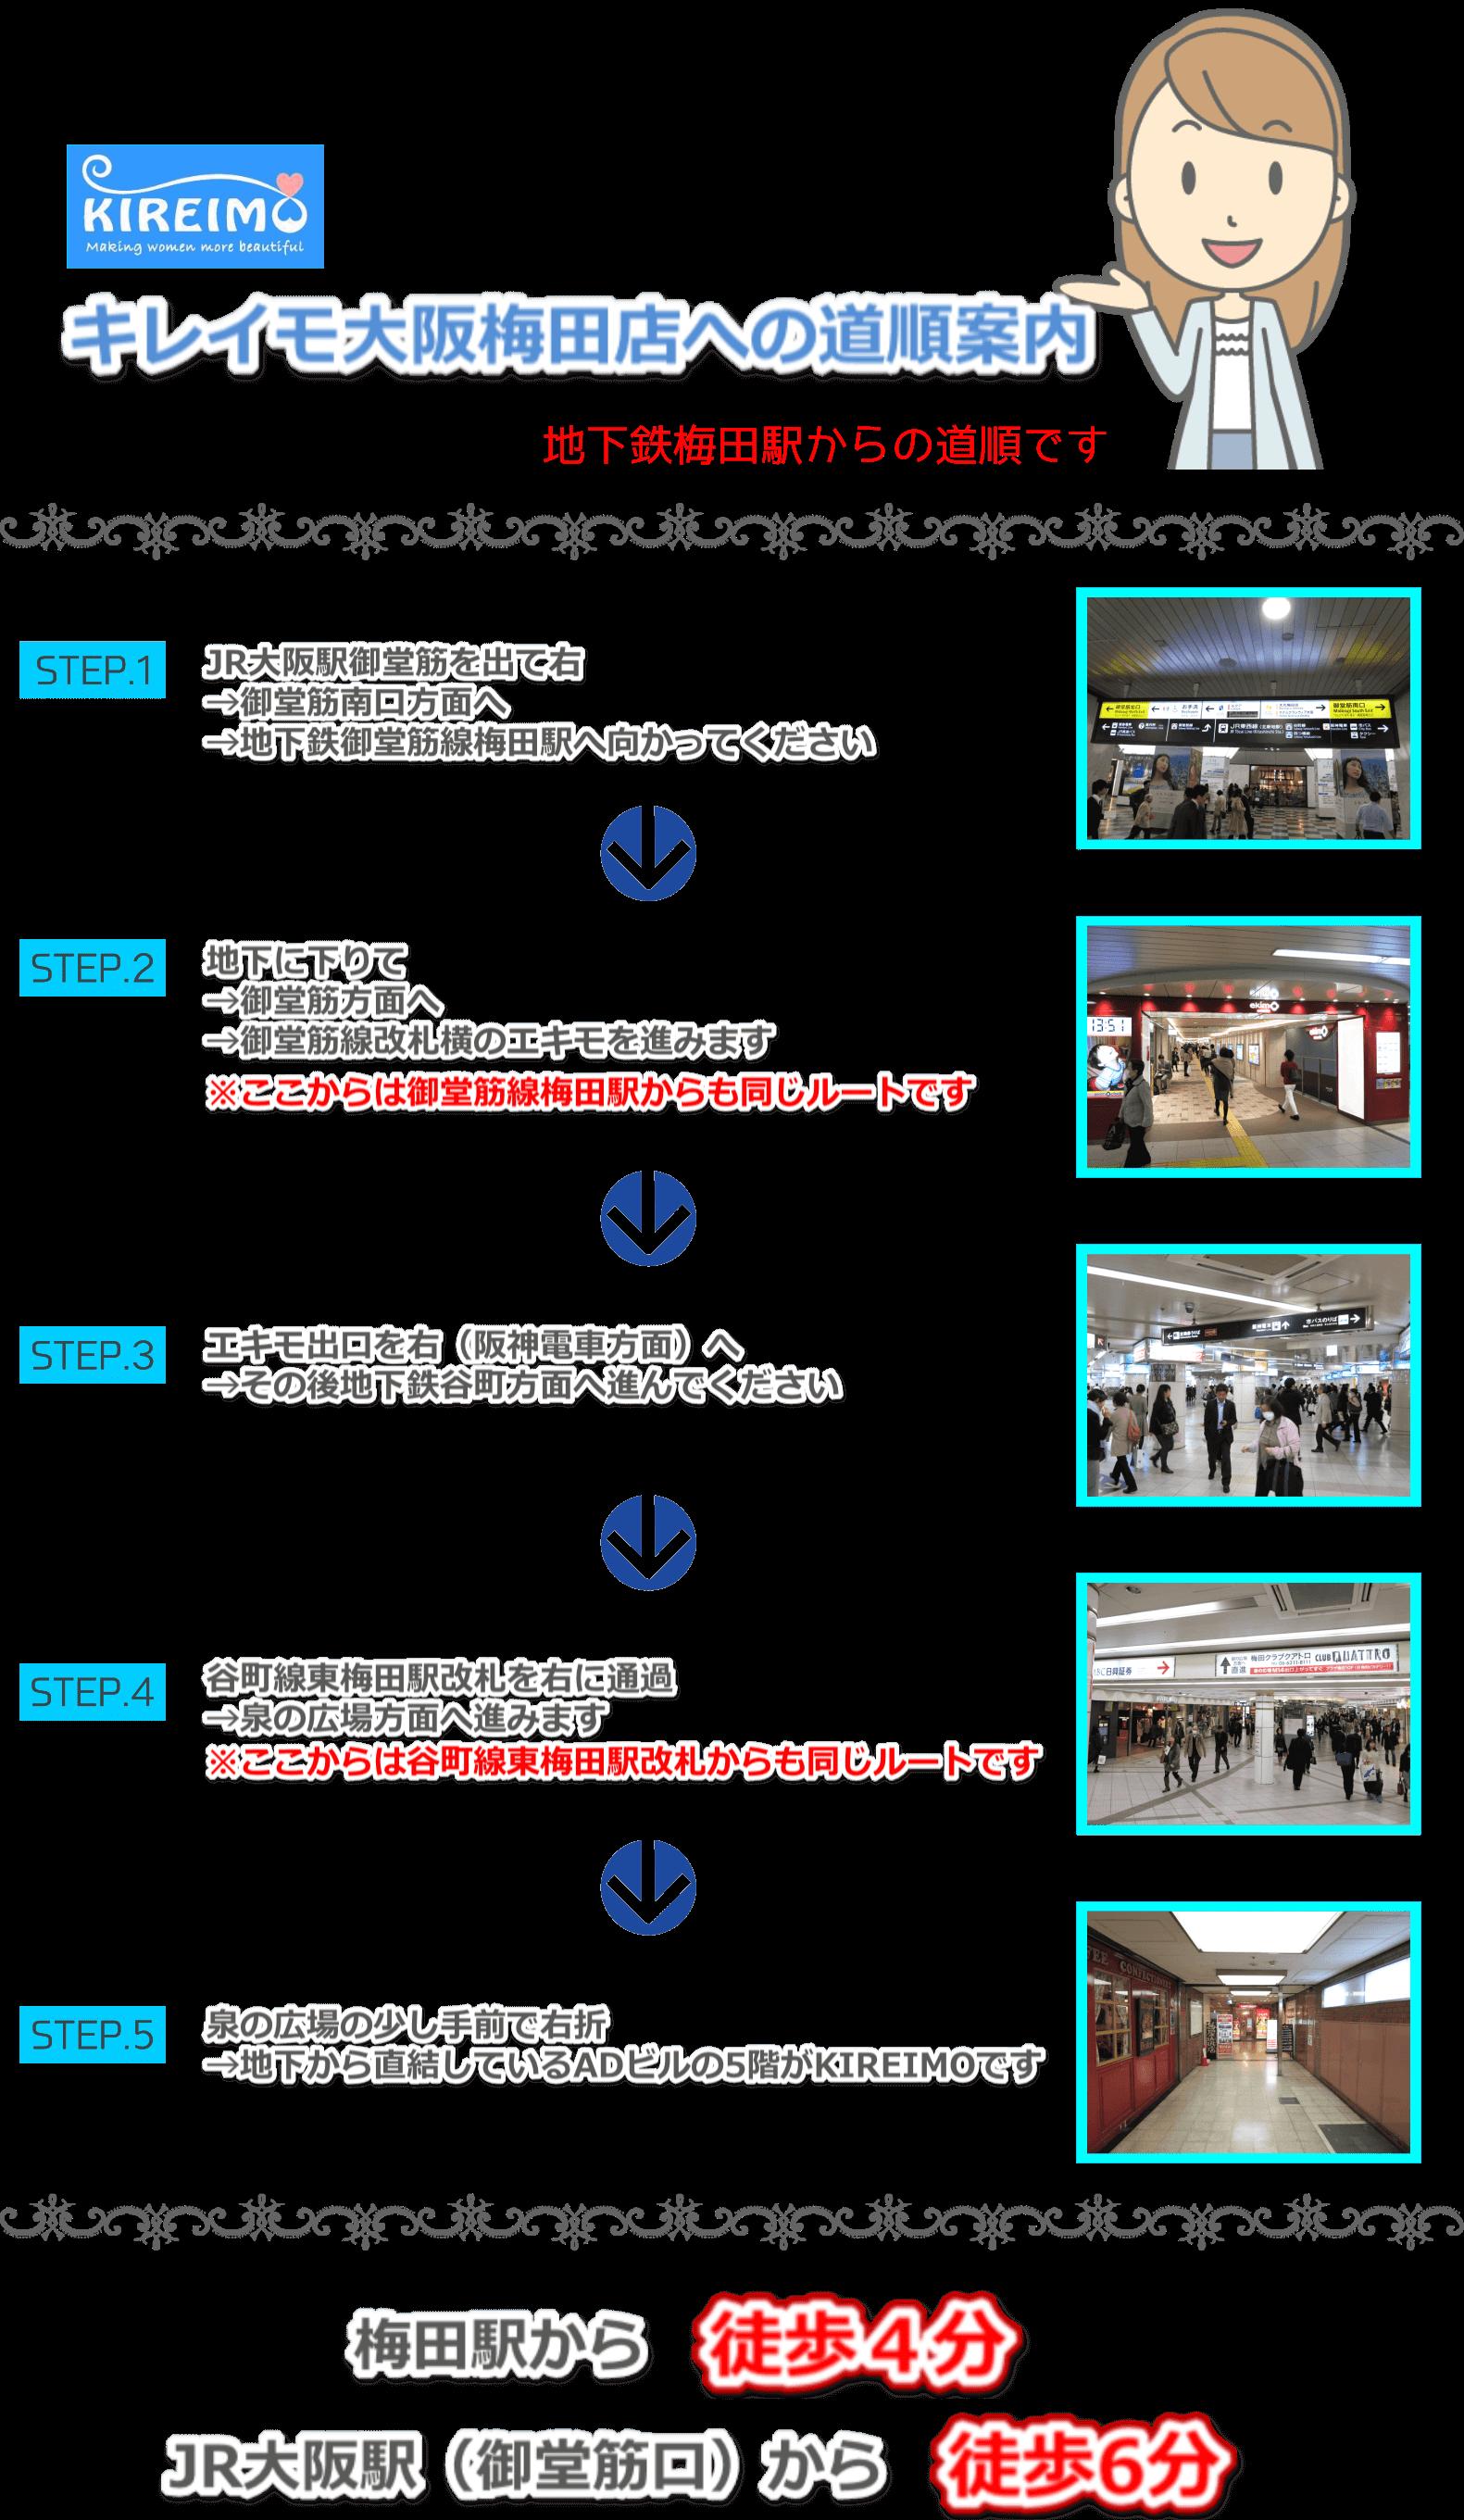 JR大阪御堂筋駅からエキモを進んで地下直結のADビルまでの道のり。キレイモ梅田店に無事にたどり着く道順解説。